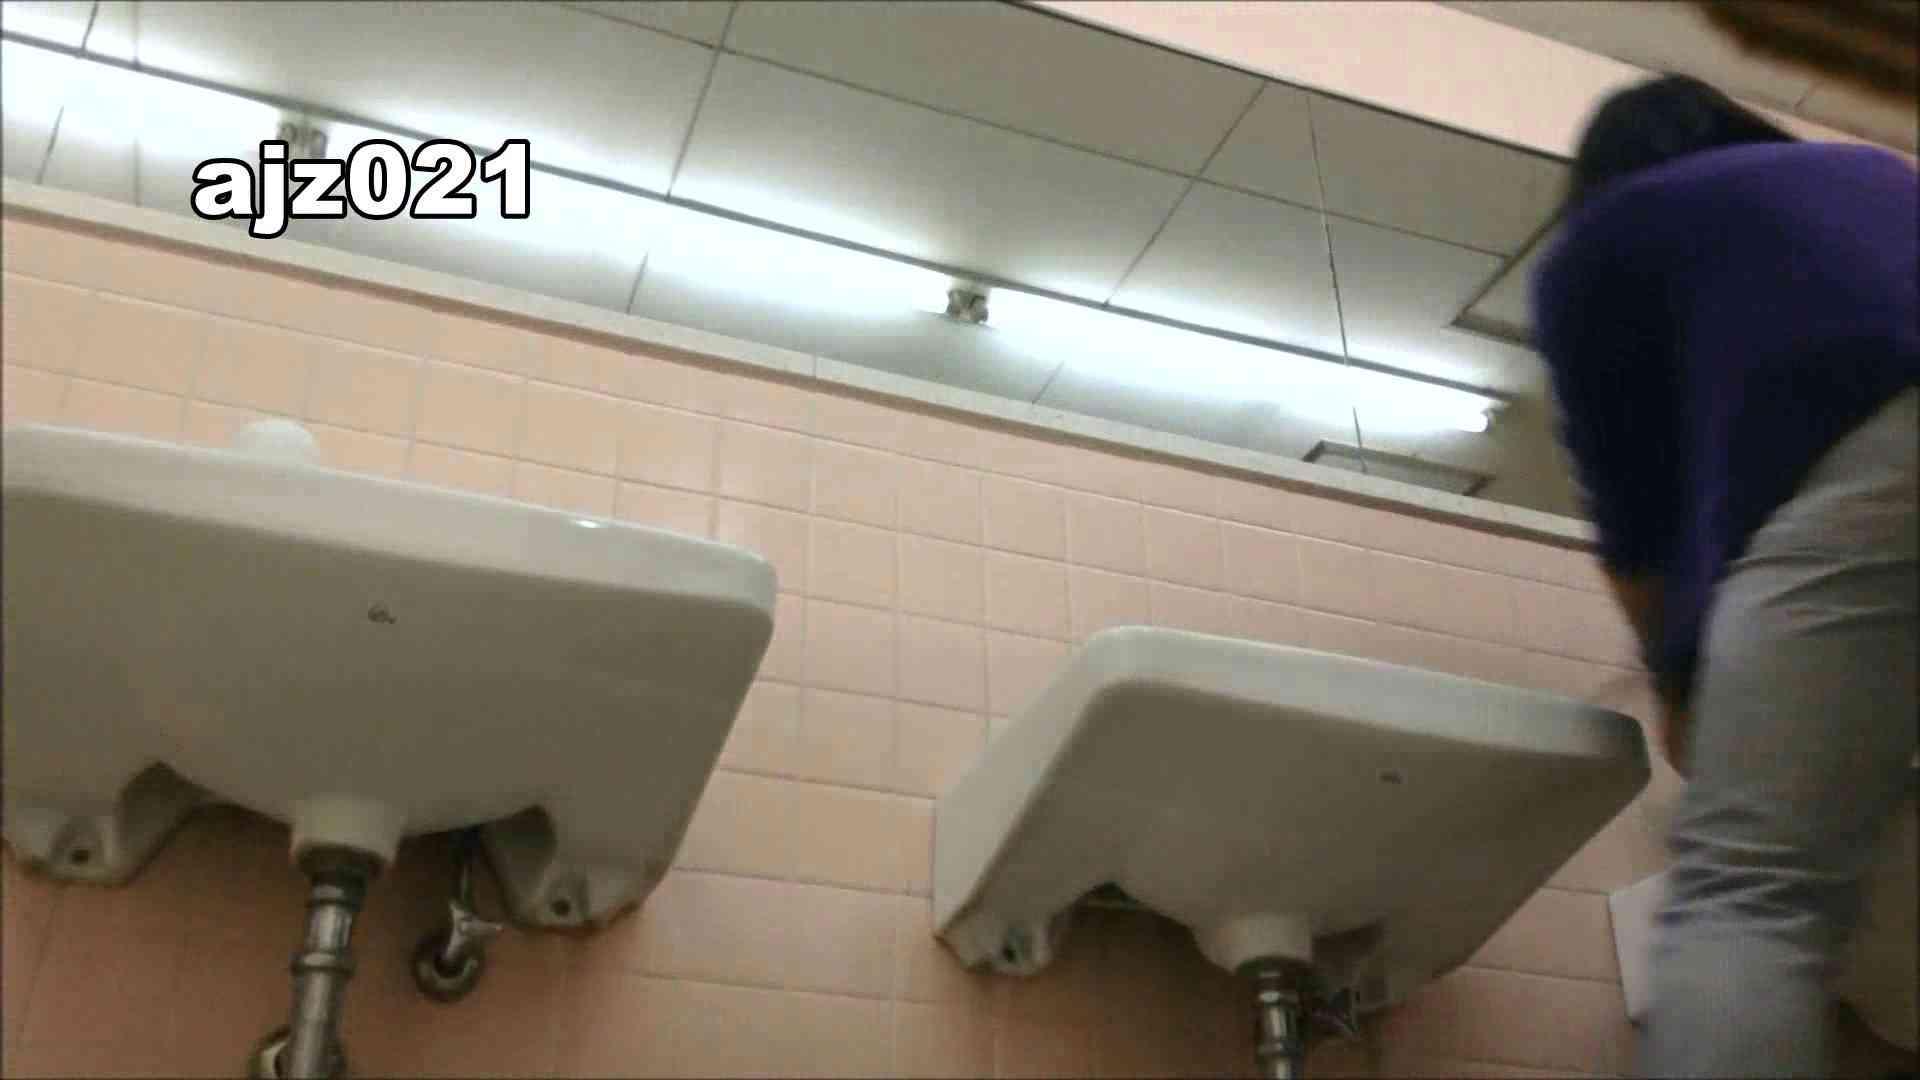 某有名大学女性洗面所 vol.21 和式トイレ すけべAV動画紹介 91pic 87